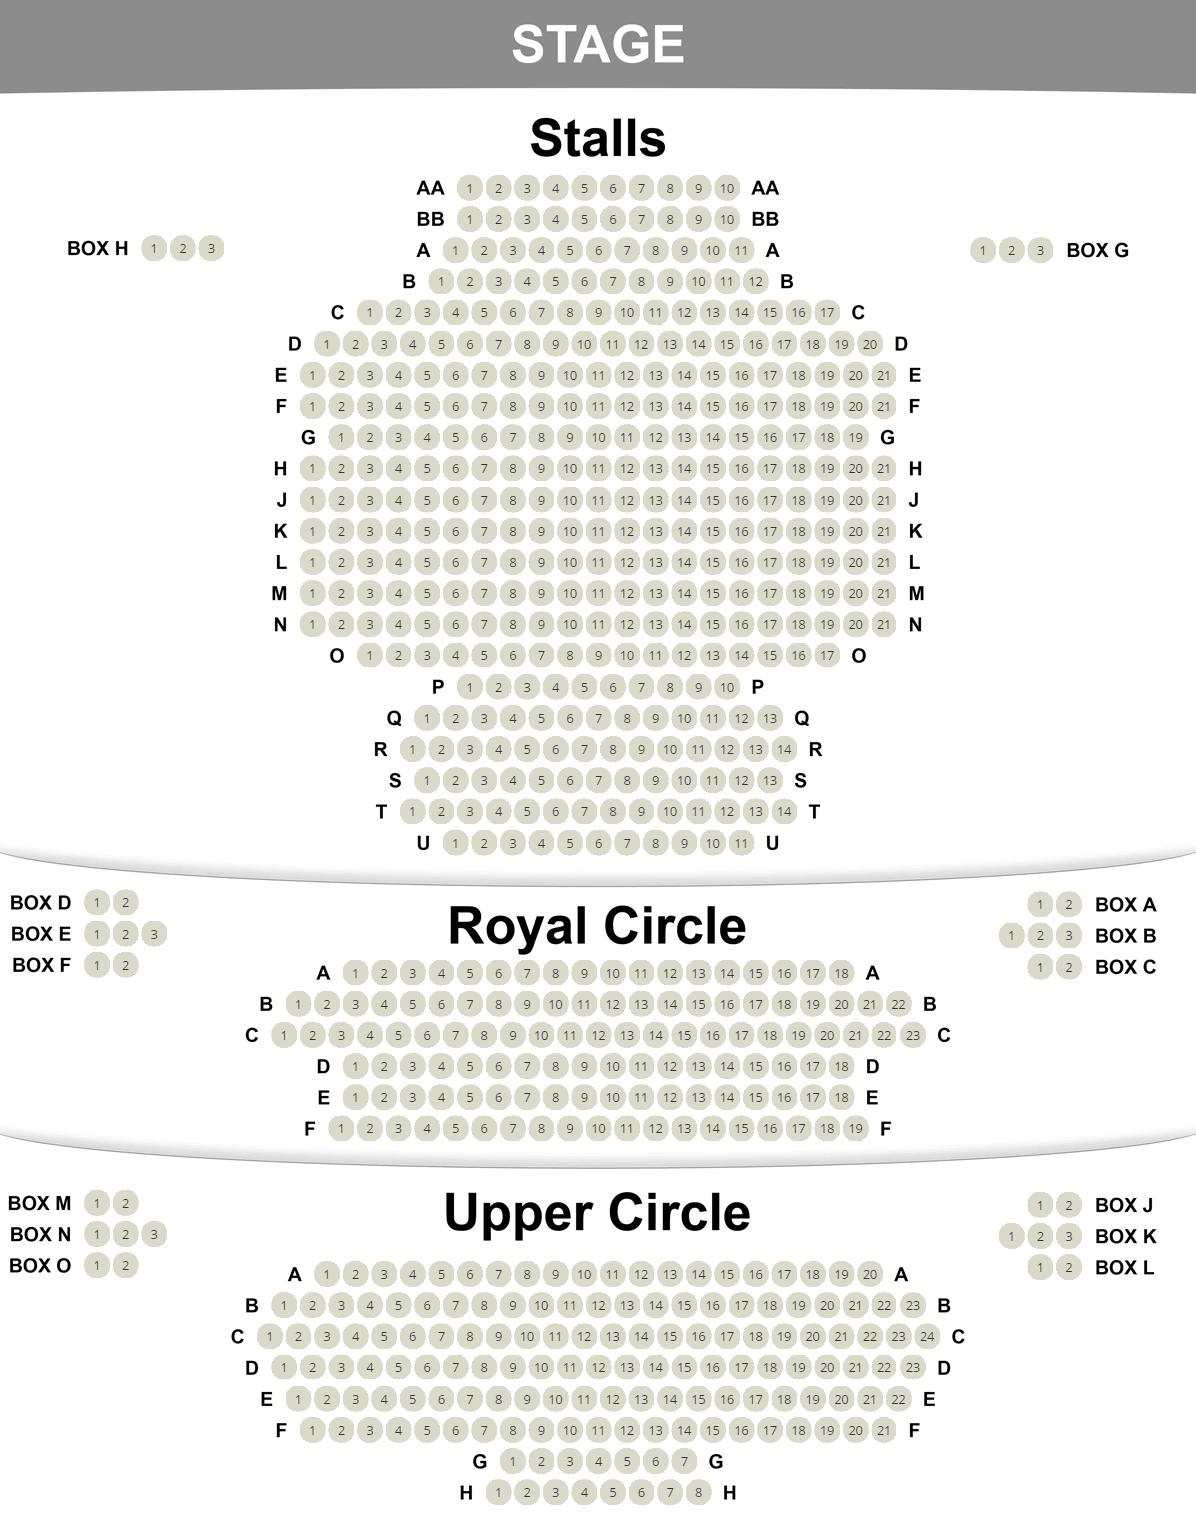 Duke of York's seating plan